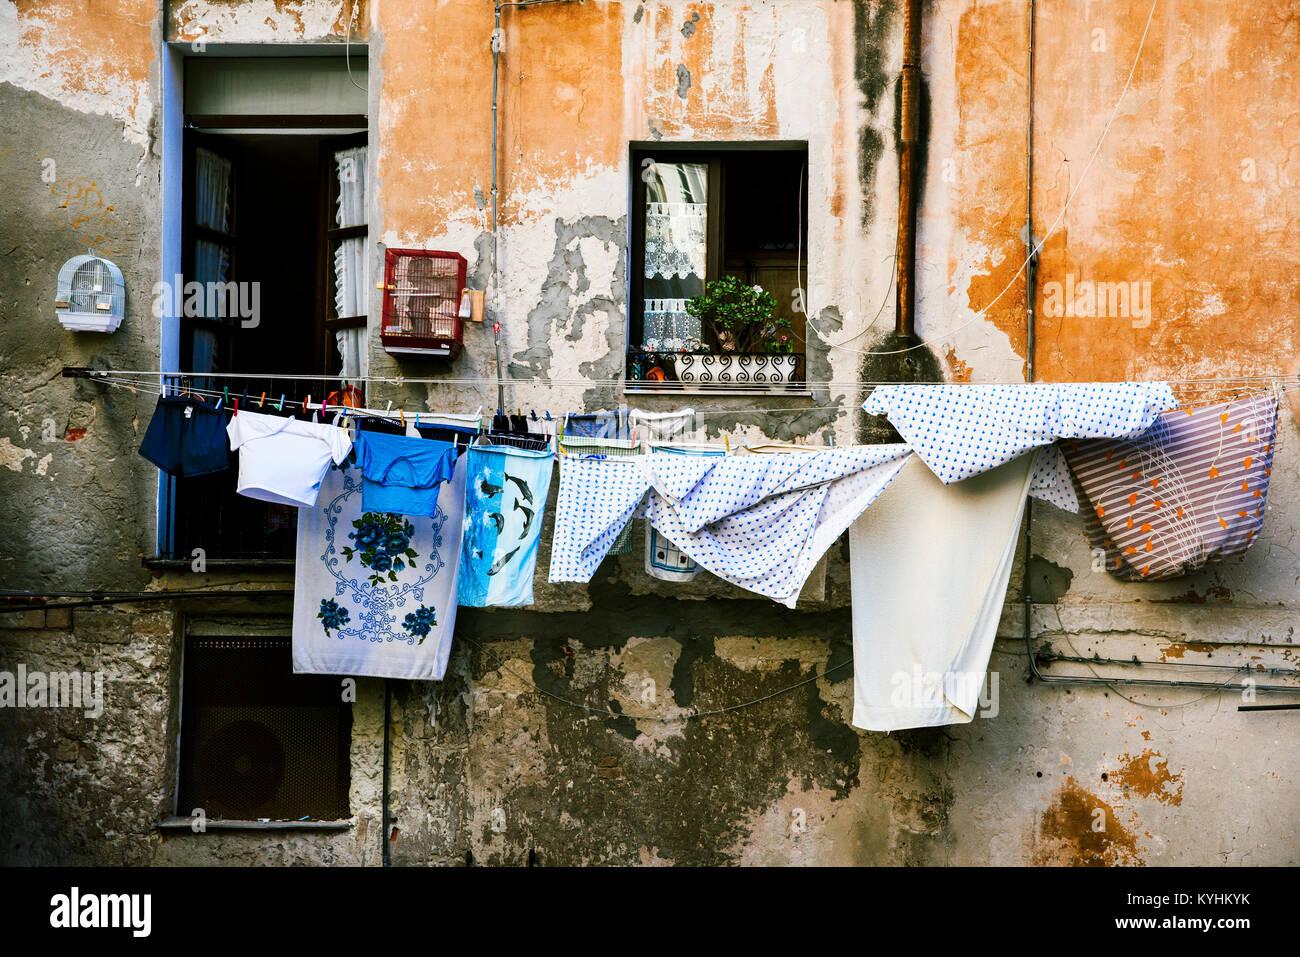 Ropa colgando en algunas líneas de ropa al aire libre en un edificio antiguo, en el casco antiguo de la ciudad Imagen De Stock